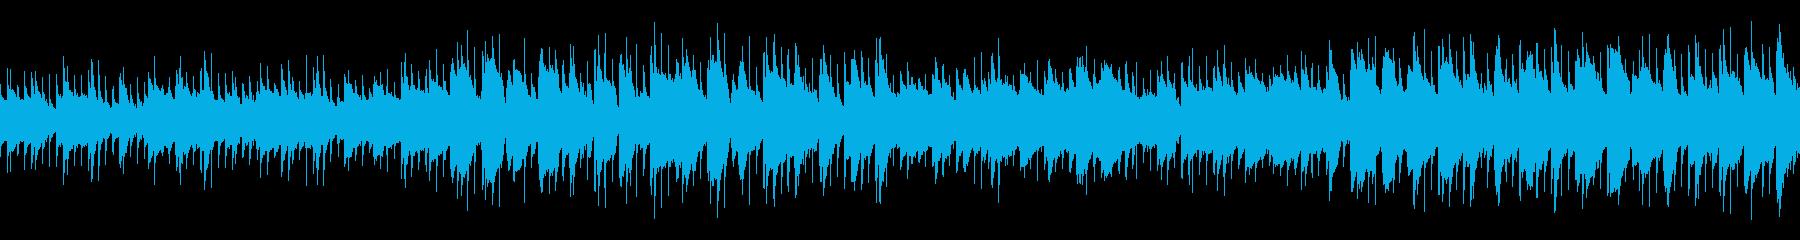 日常系楽曲2(ループ仕様)の再生済みの波形